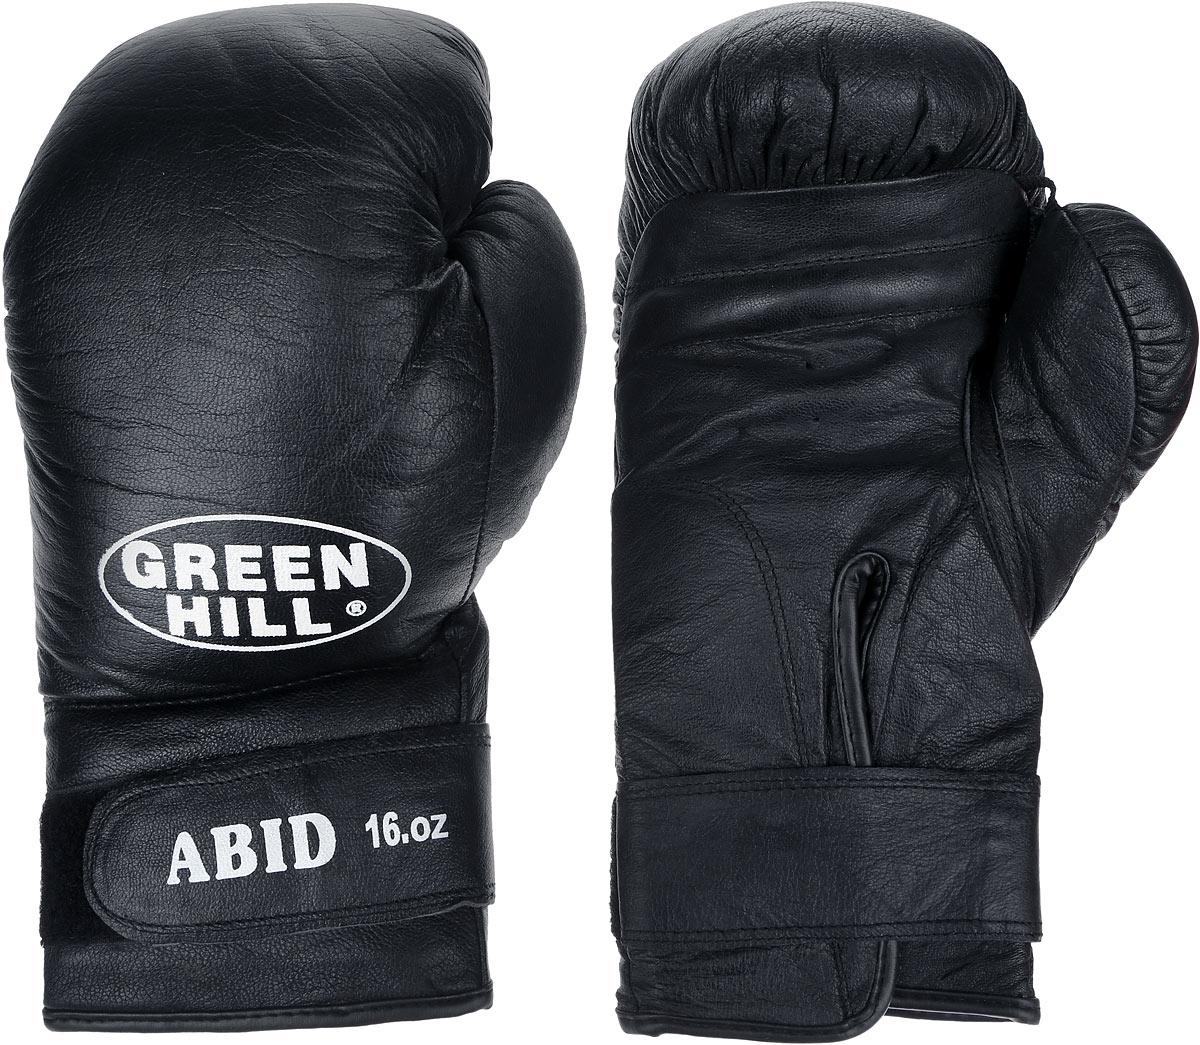 """Перчатки боксерские Green Hill """"Abid"""", цвет: черный, белый. Вес 16 унций BGA-2024"""